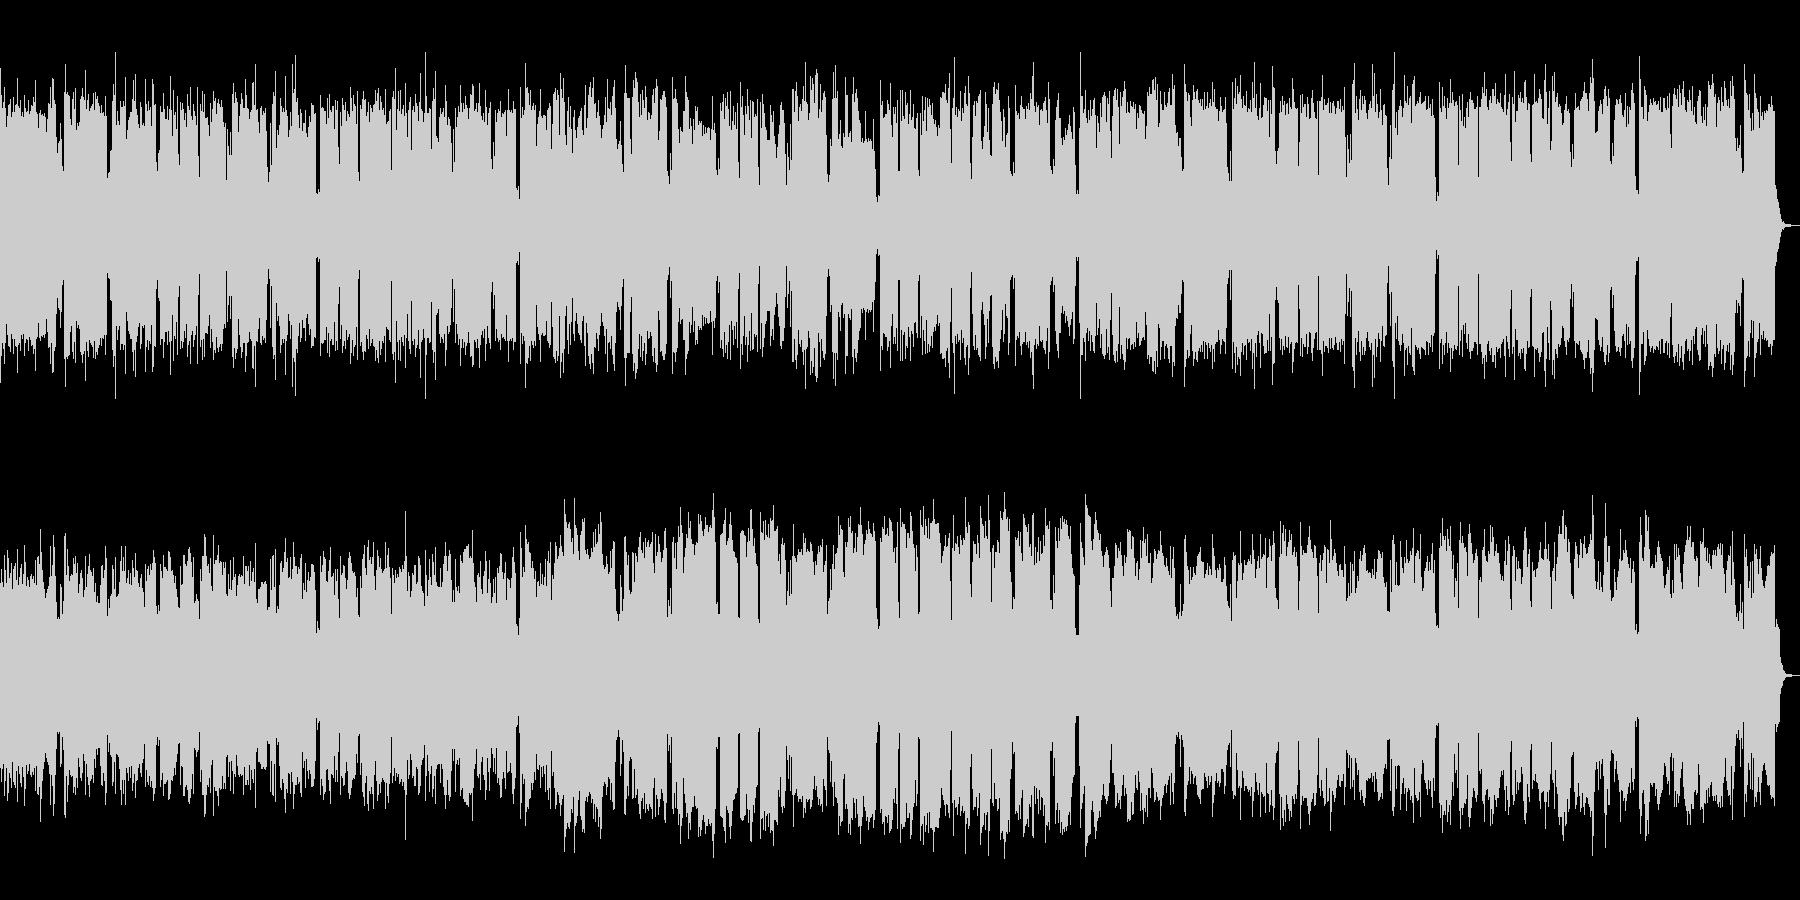 エレP&管楽器のレトロなメロディアス楽曲の未再生の波形